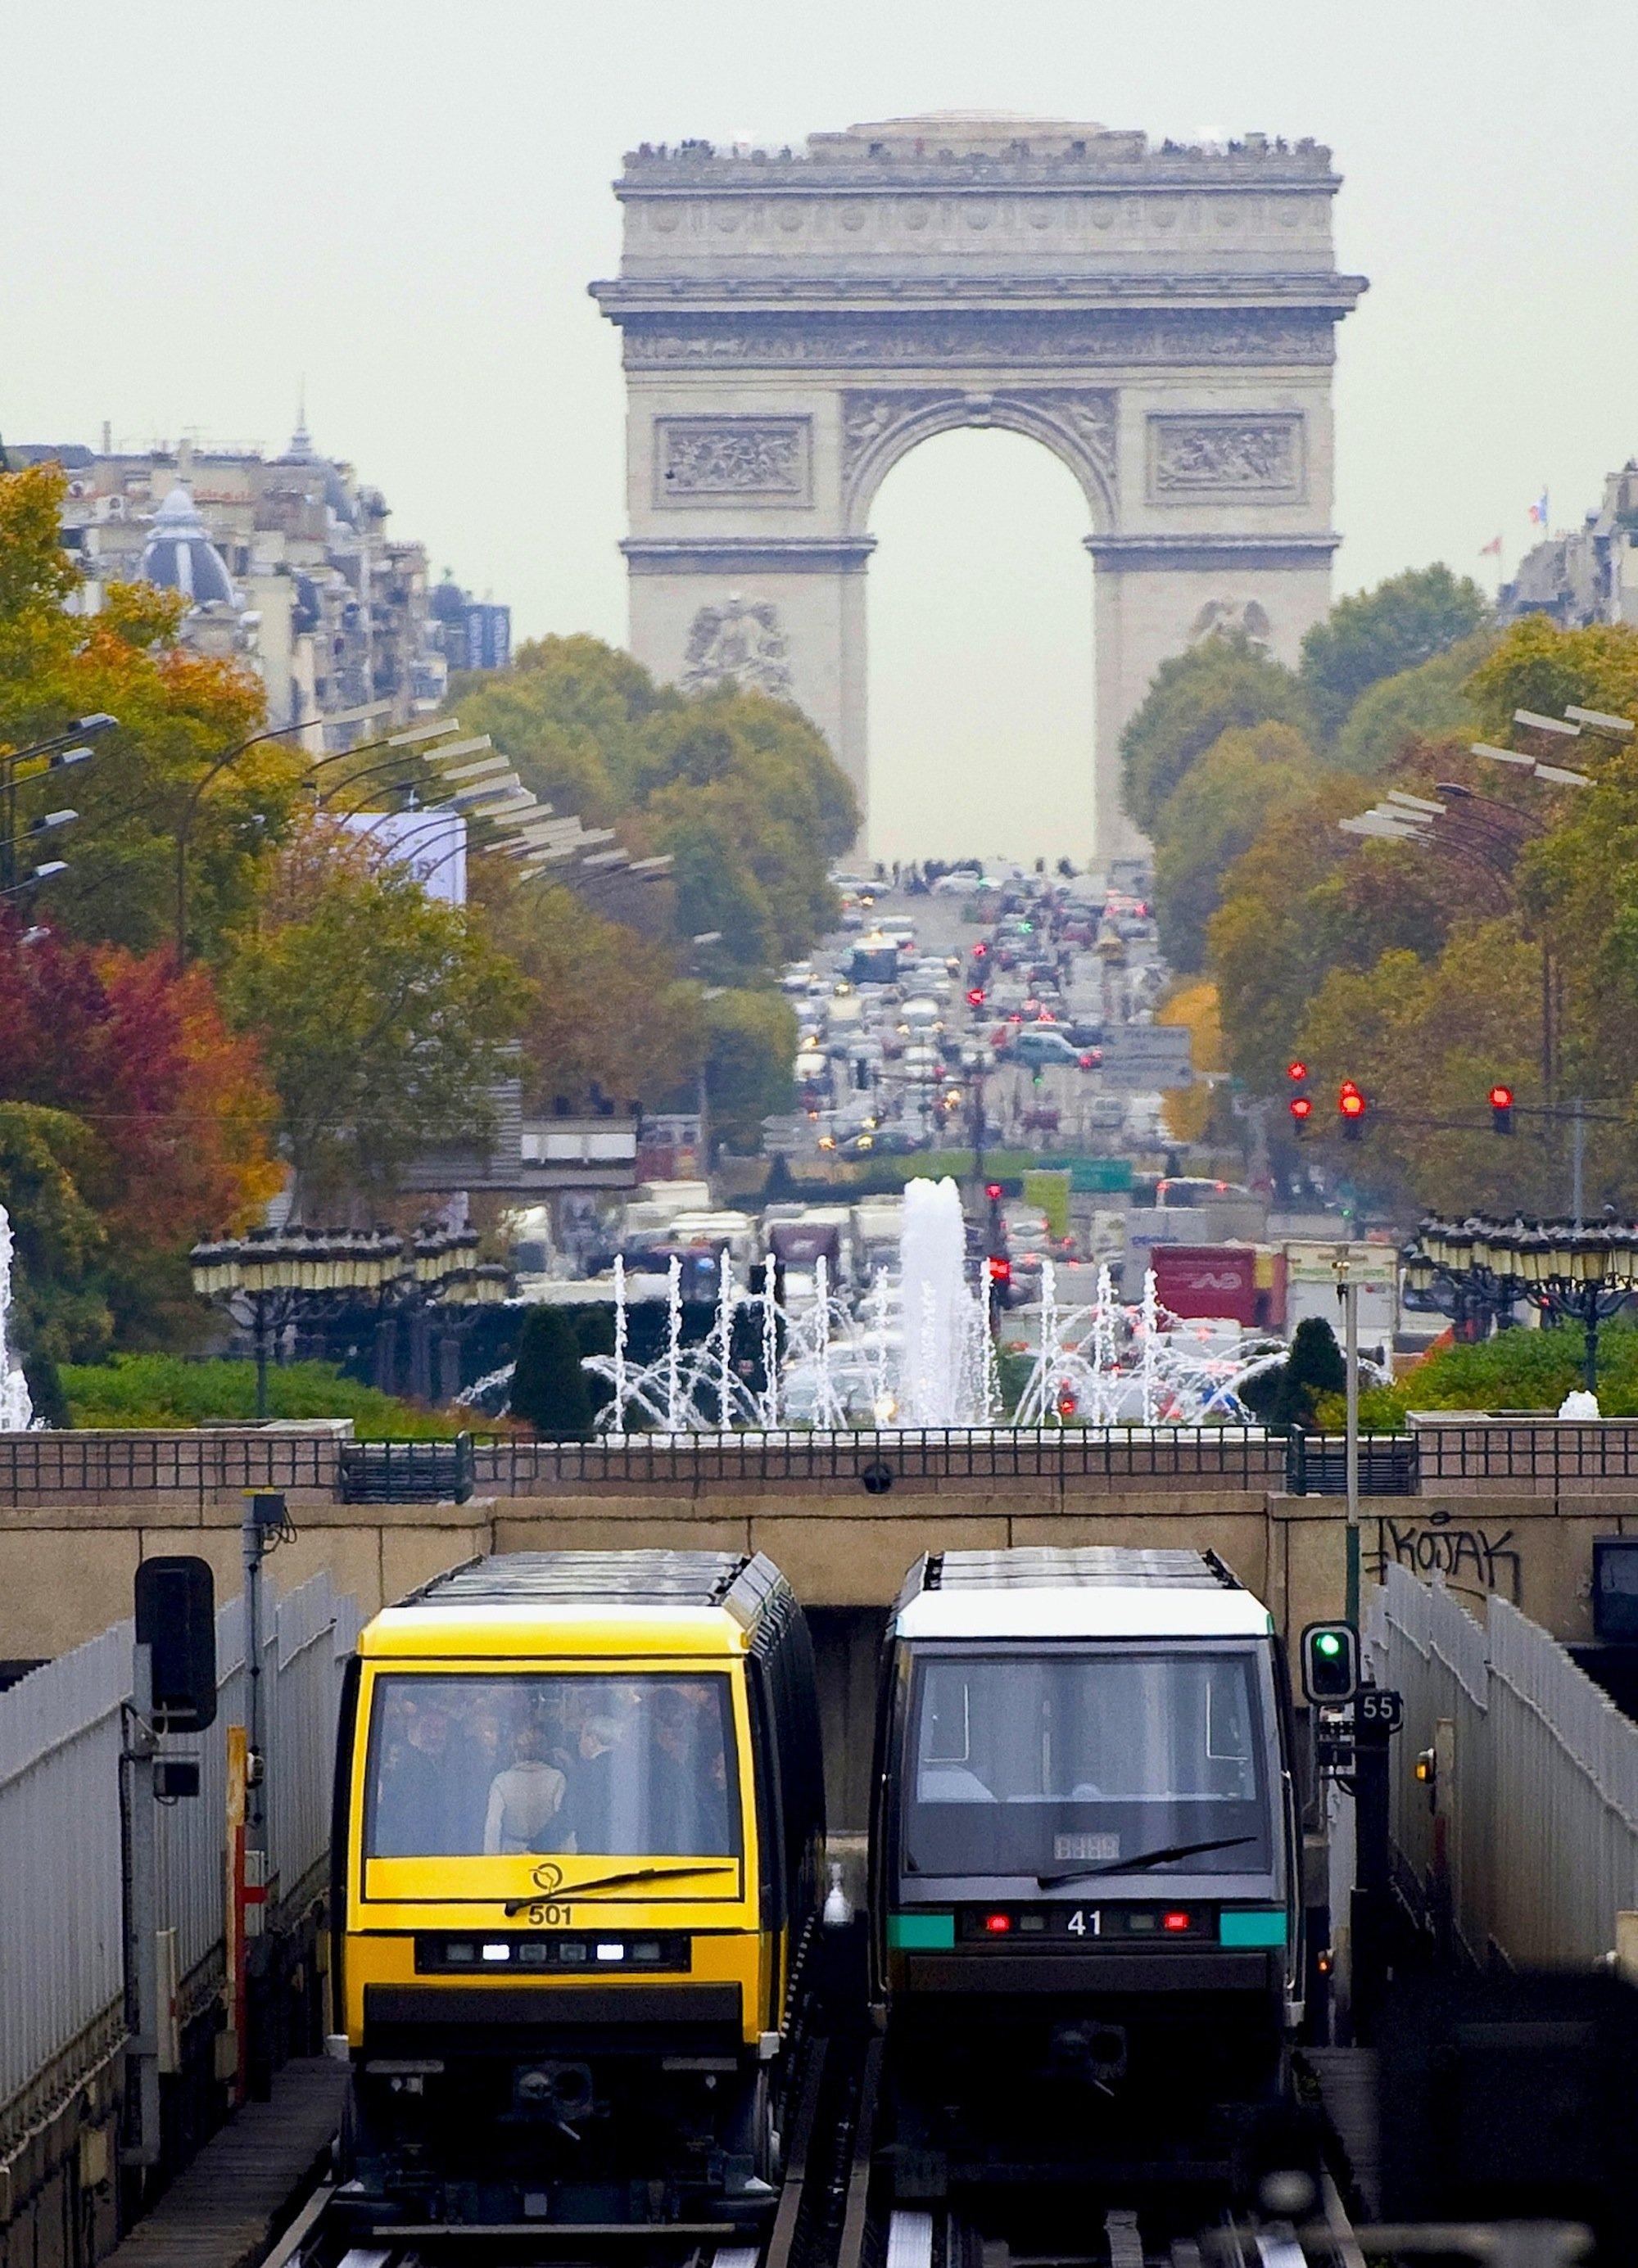 Einfahrt fahrerloser Metros unter die Avenue des Champs-Élysées in Paris: Die Metro 1 ist die am stärksten frequentierte Linie in Paris. Sie verbindet auf rund 17 Kilometern den Osten und Westen der Stadt und befördert bis zu 725.000 Fahrgäste täglich. Jetzt wird auch die Linie 14 verlängert und mit Siemens-Technik ausgestattet.